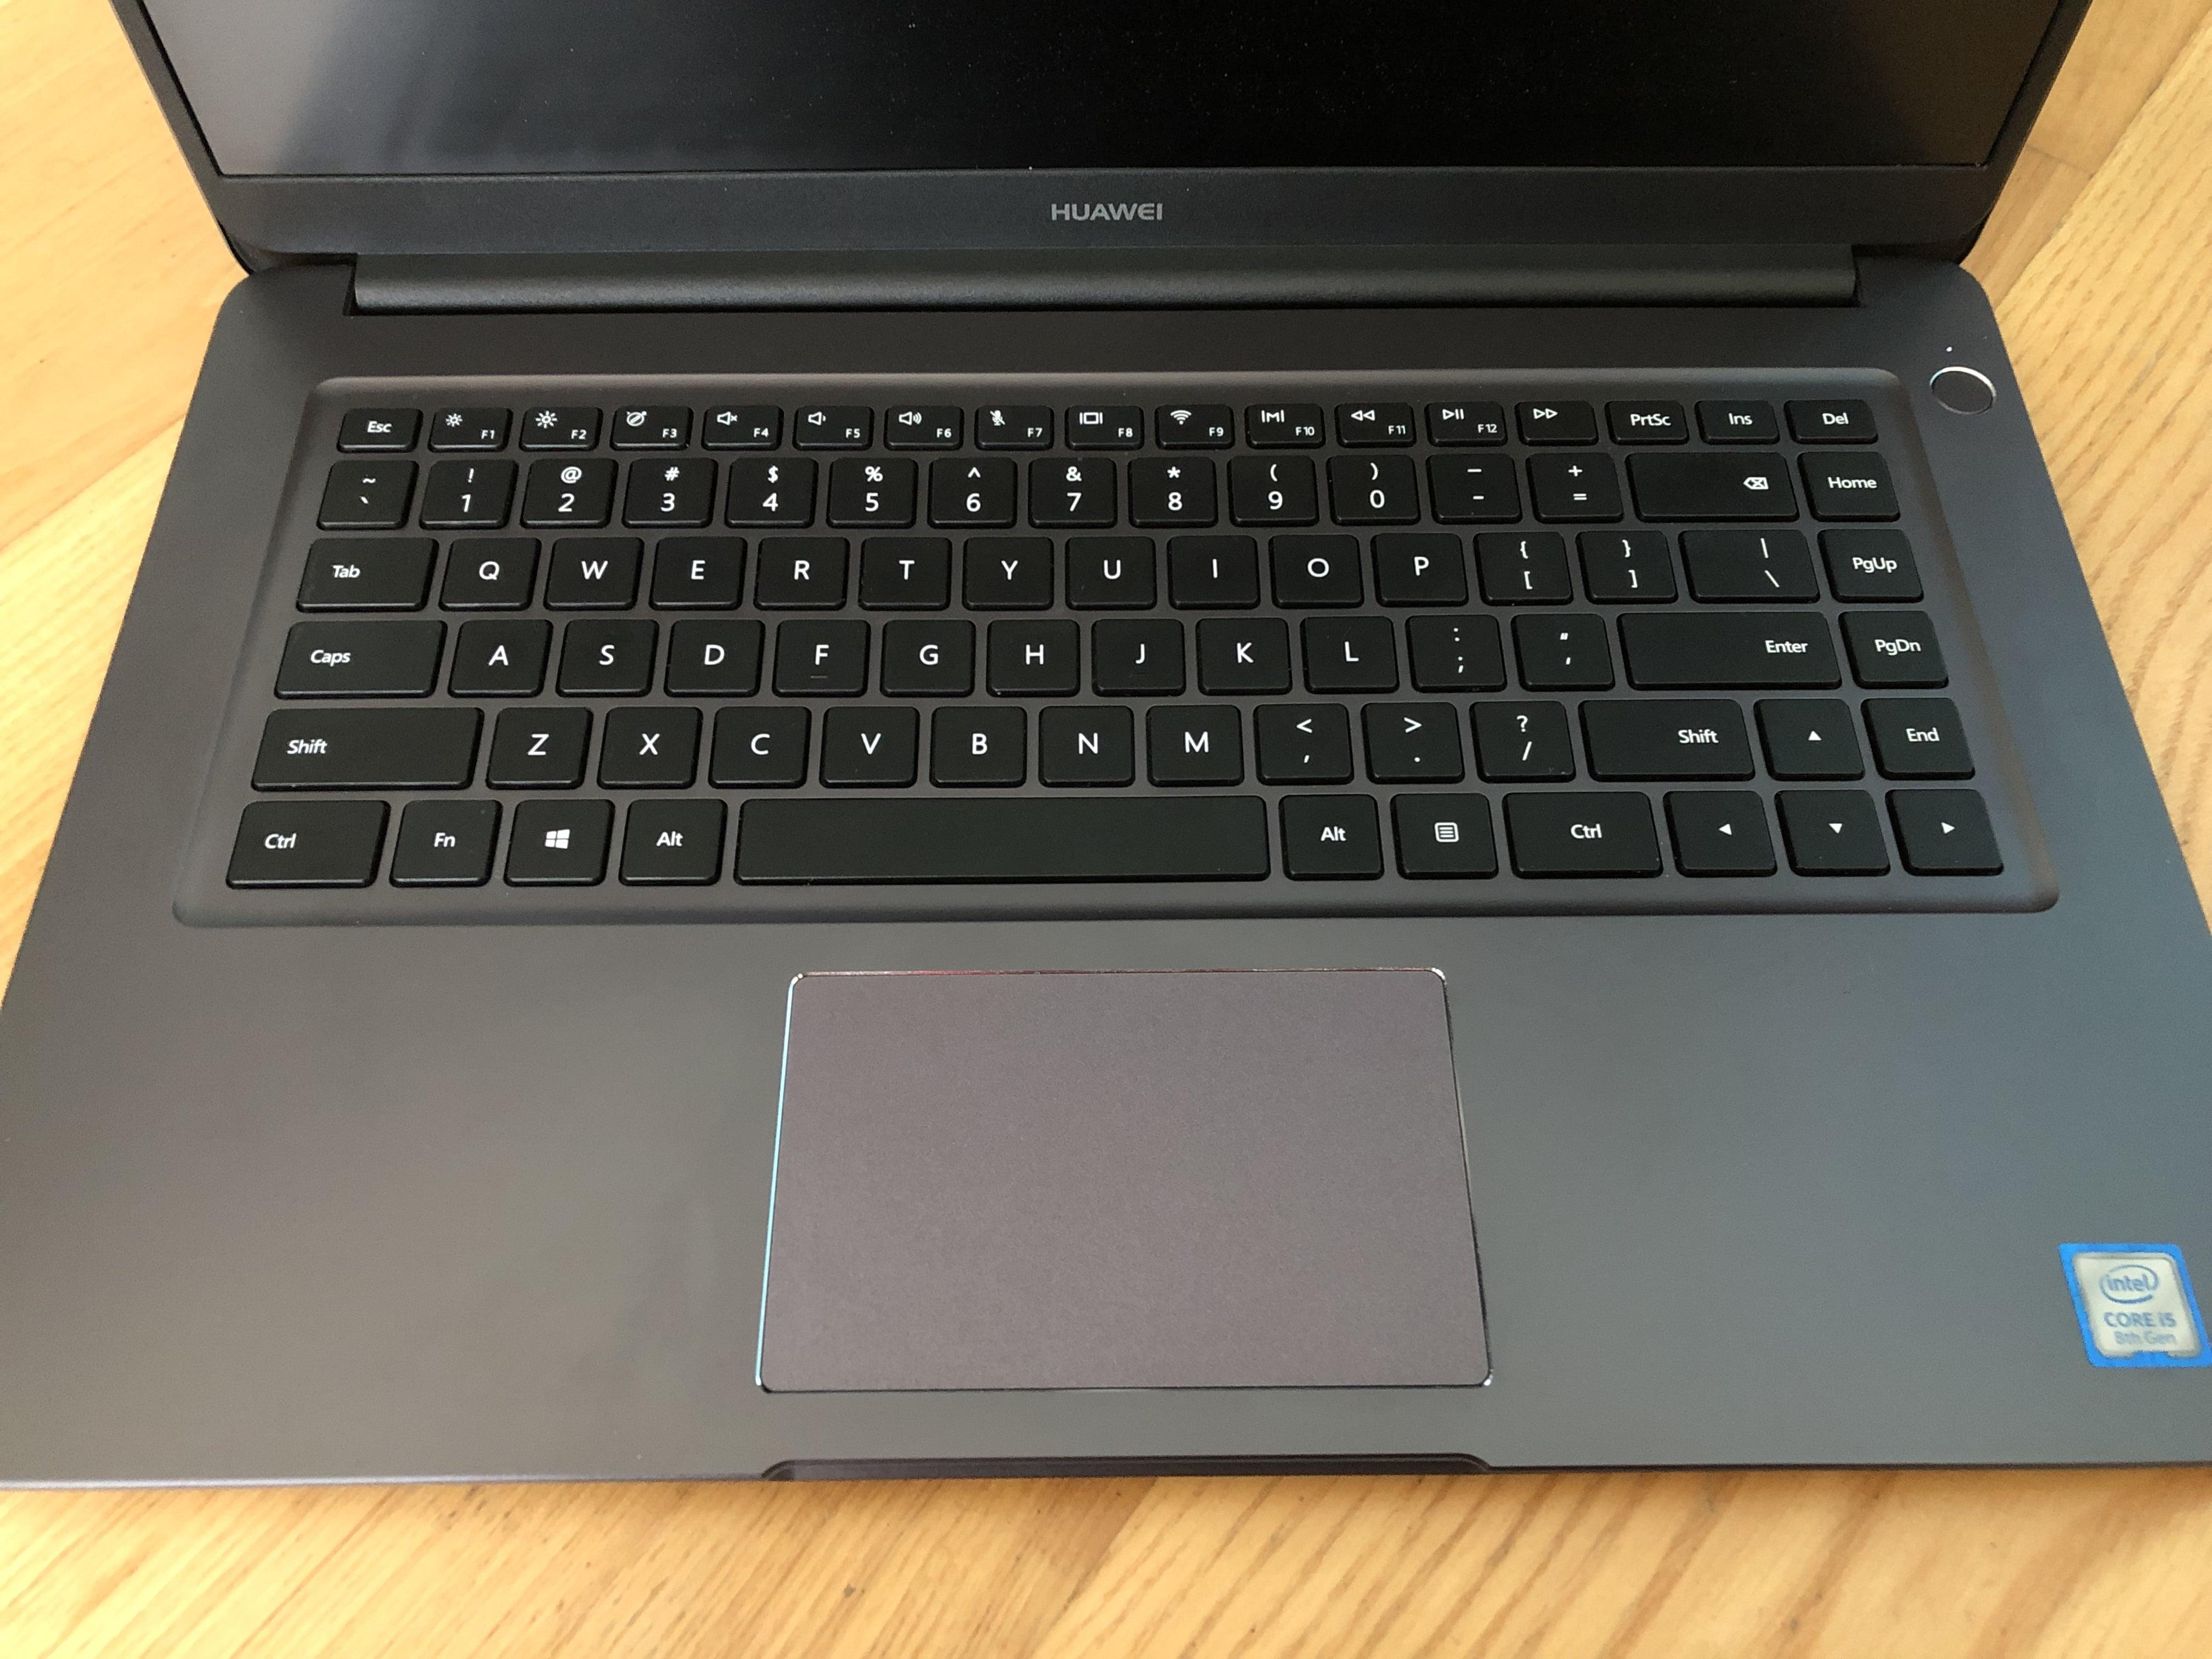 Huawei MateBook D recenzja ładnego laptopa w dobrej cenie